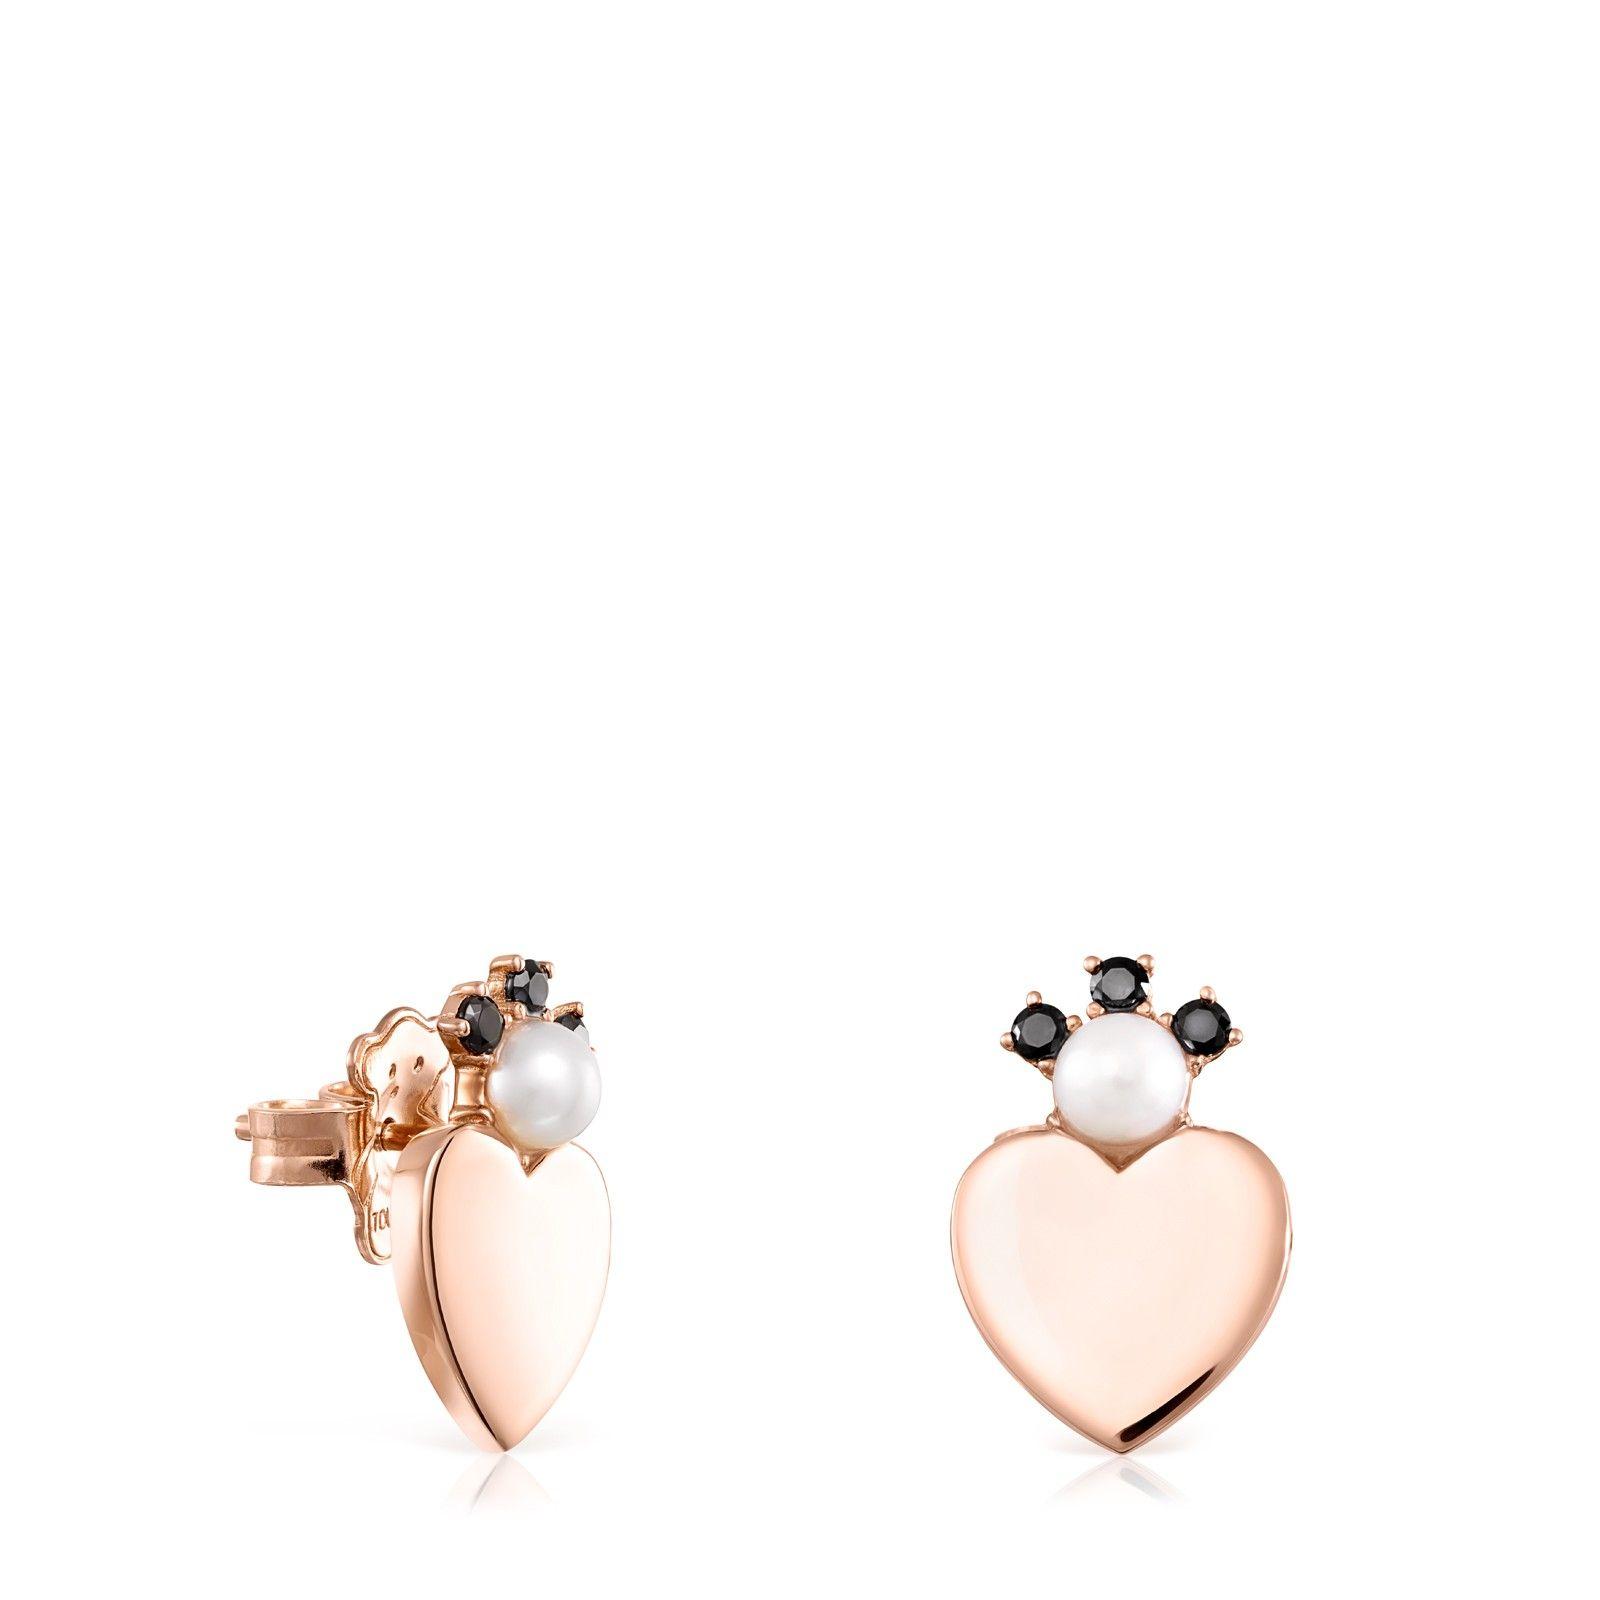 Rose Gold Vermeil Real Sisy Heart Earrings With Gemstones Tous Stud Earrings Earrings Heart Earrings